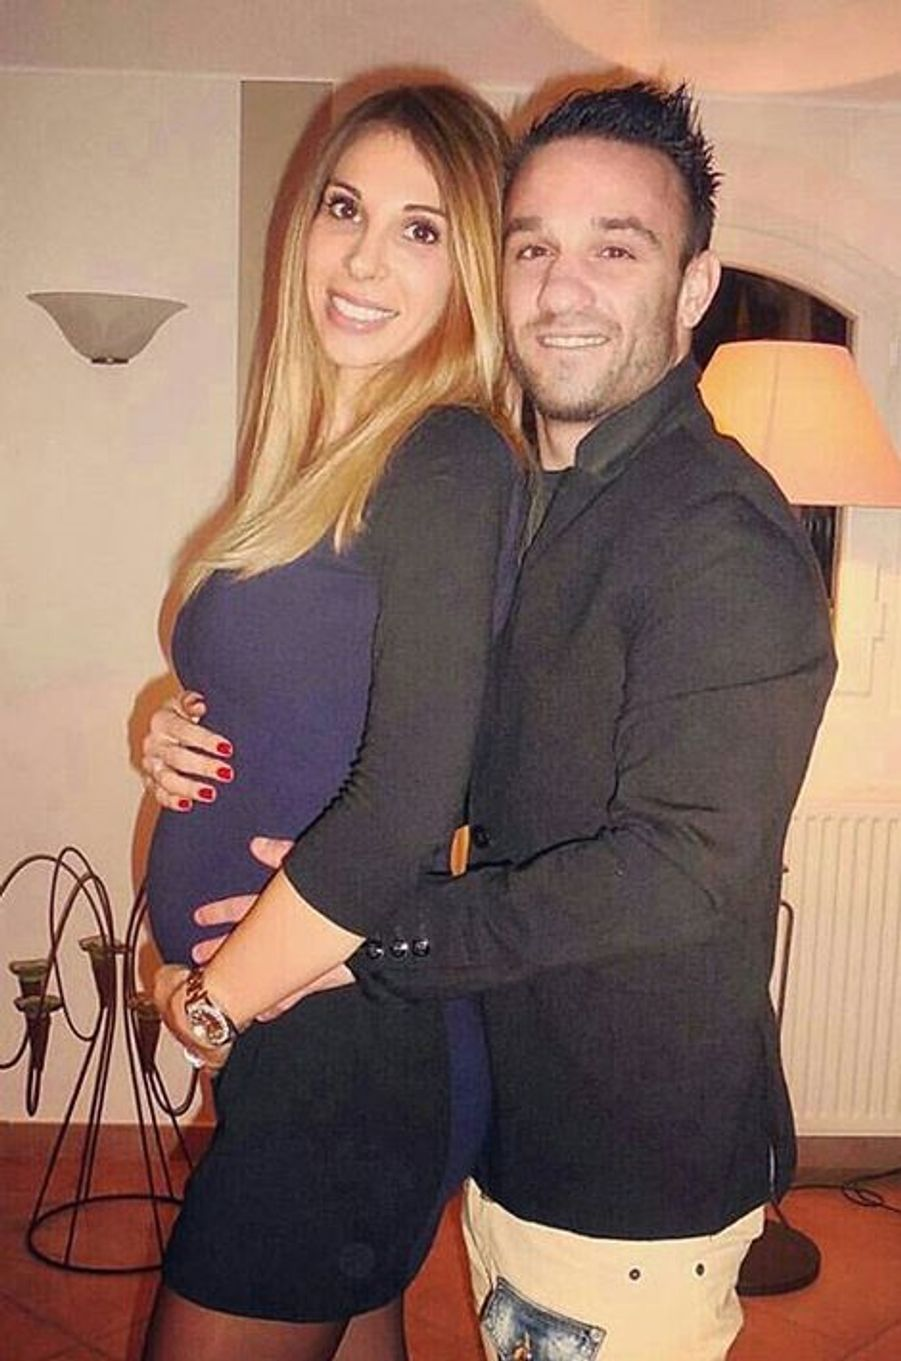 Le footballeur Mathieu Valbuena et sa compagne Fanny Lafon attendent leur premier enfant. Le bébé est prévu pour mars 2016.